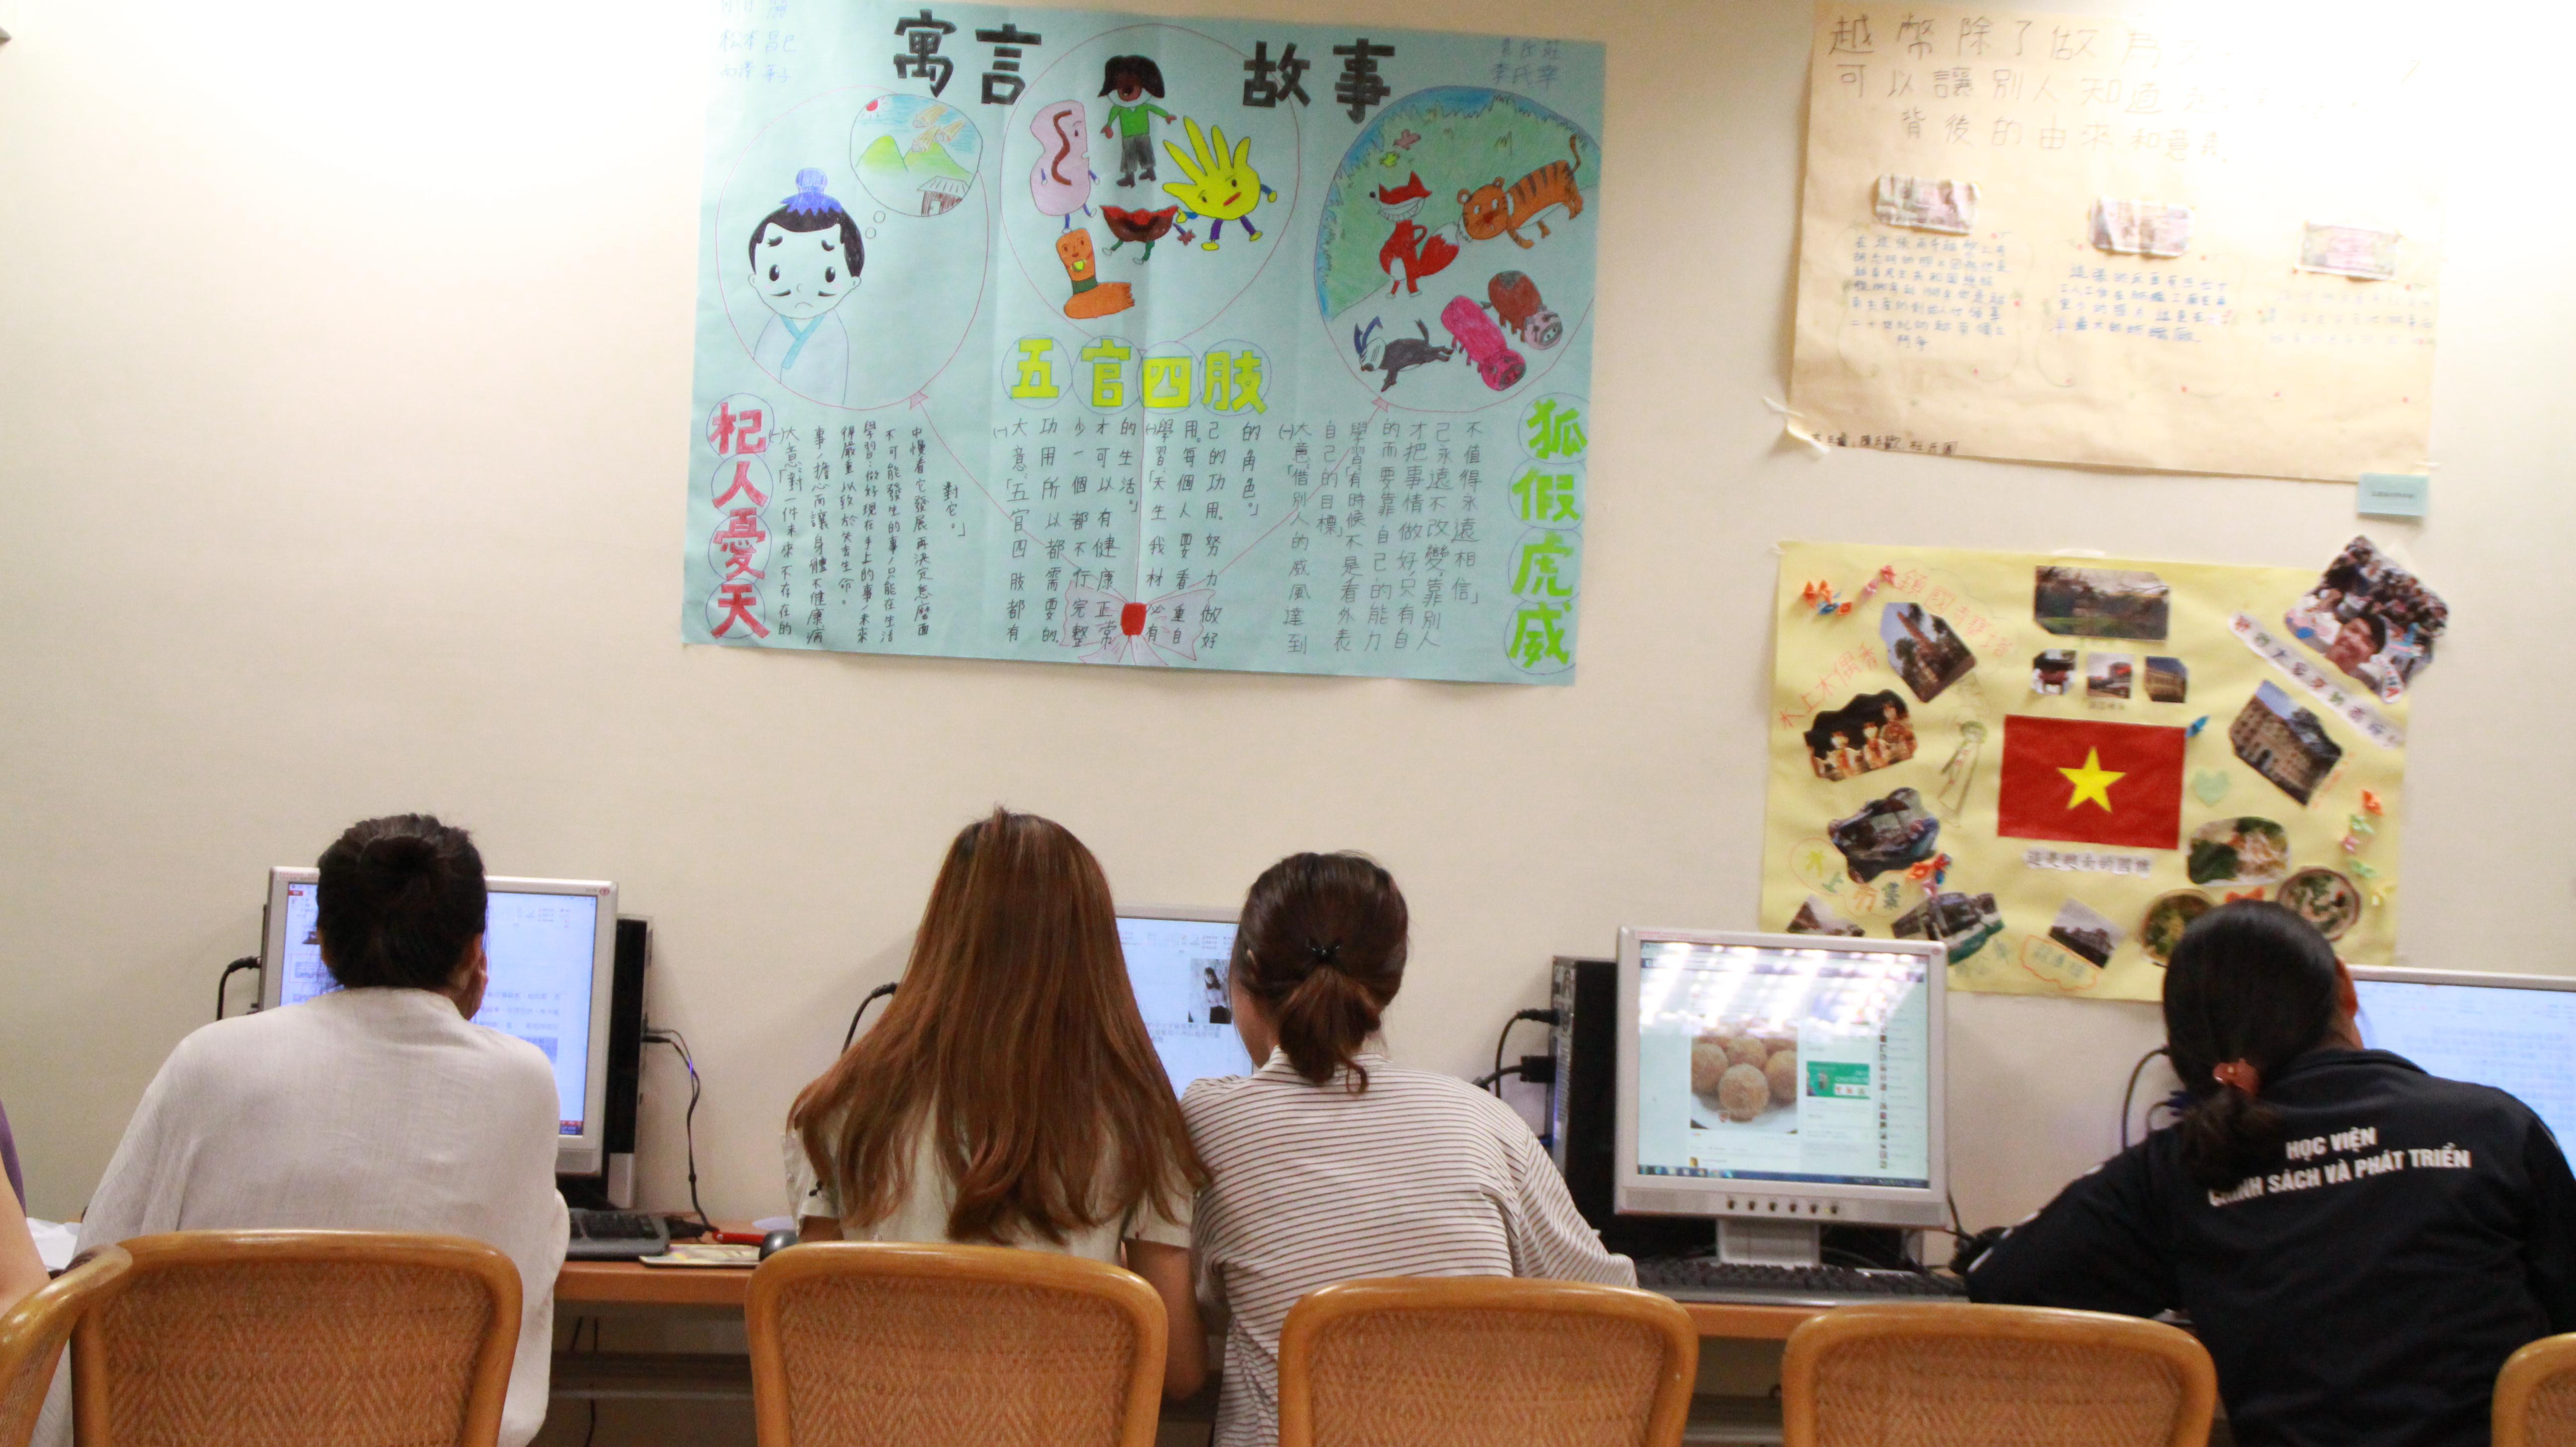 臺灣具有文化多元的華語學習環境及專業的華語教師,是建立海外品牌的重要力量。攝影/莊詠豪